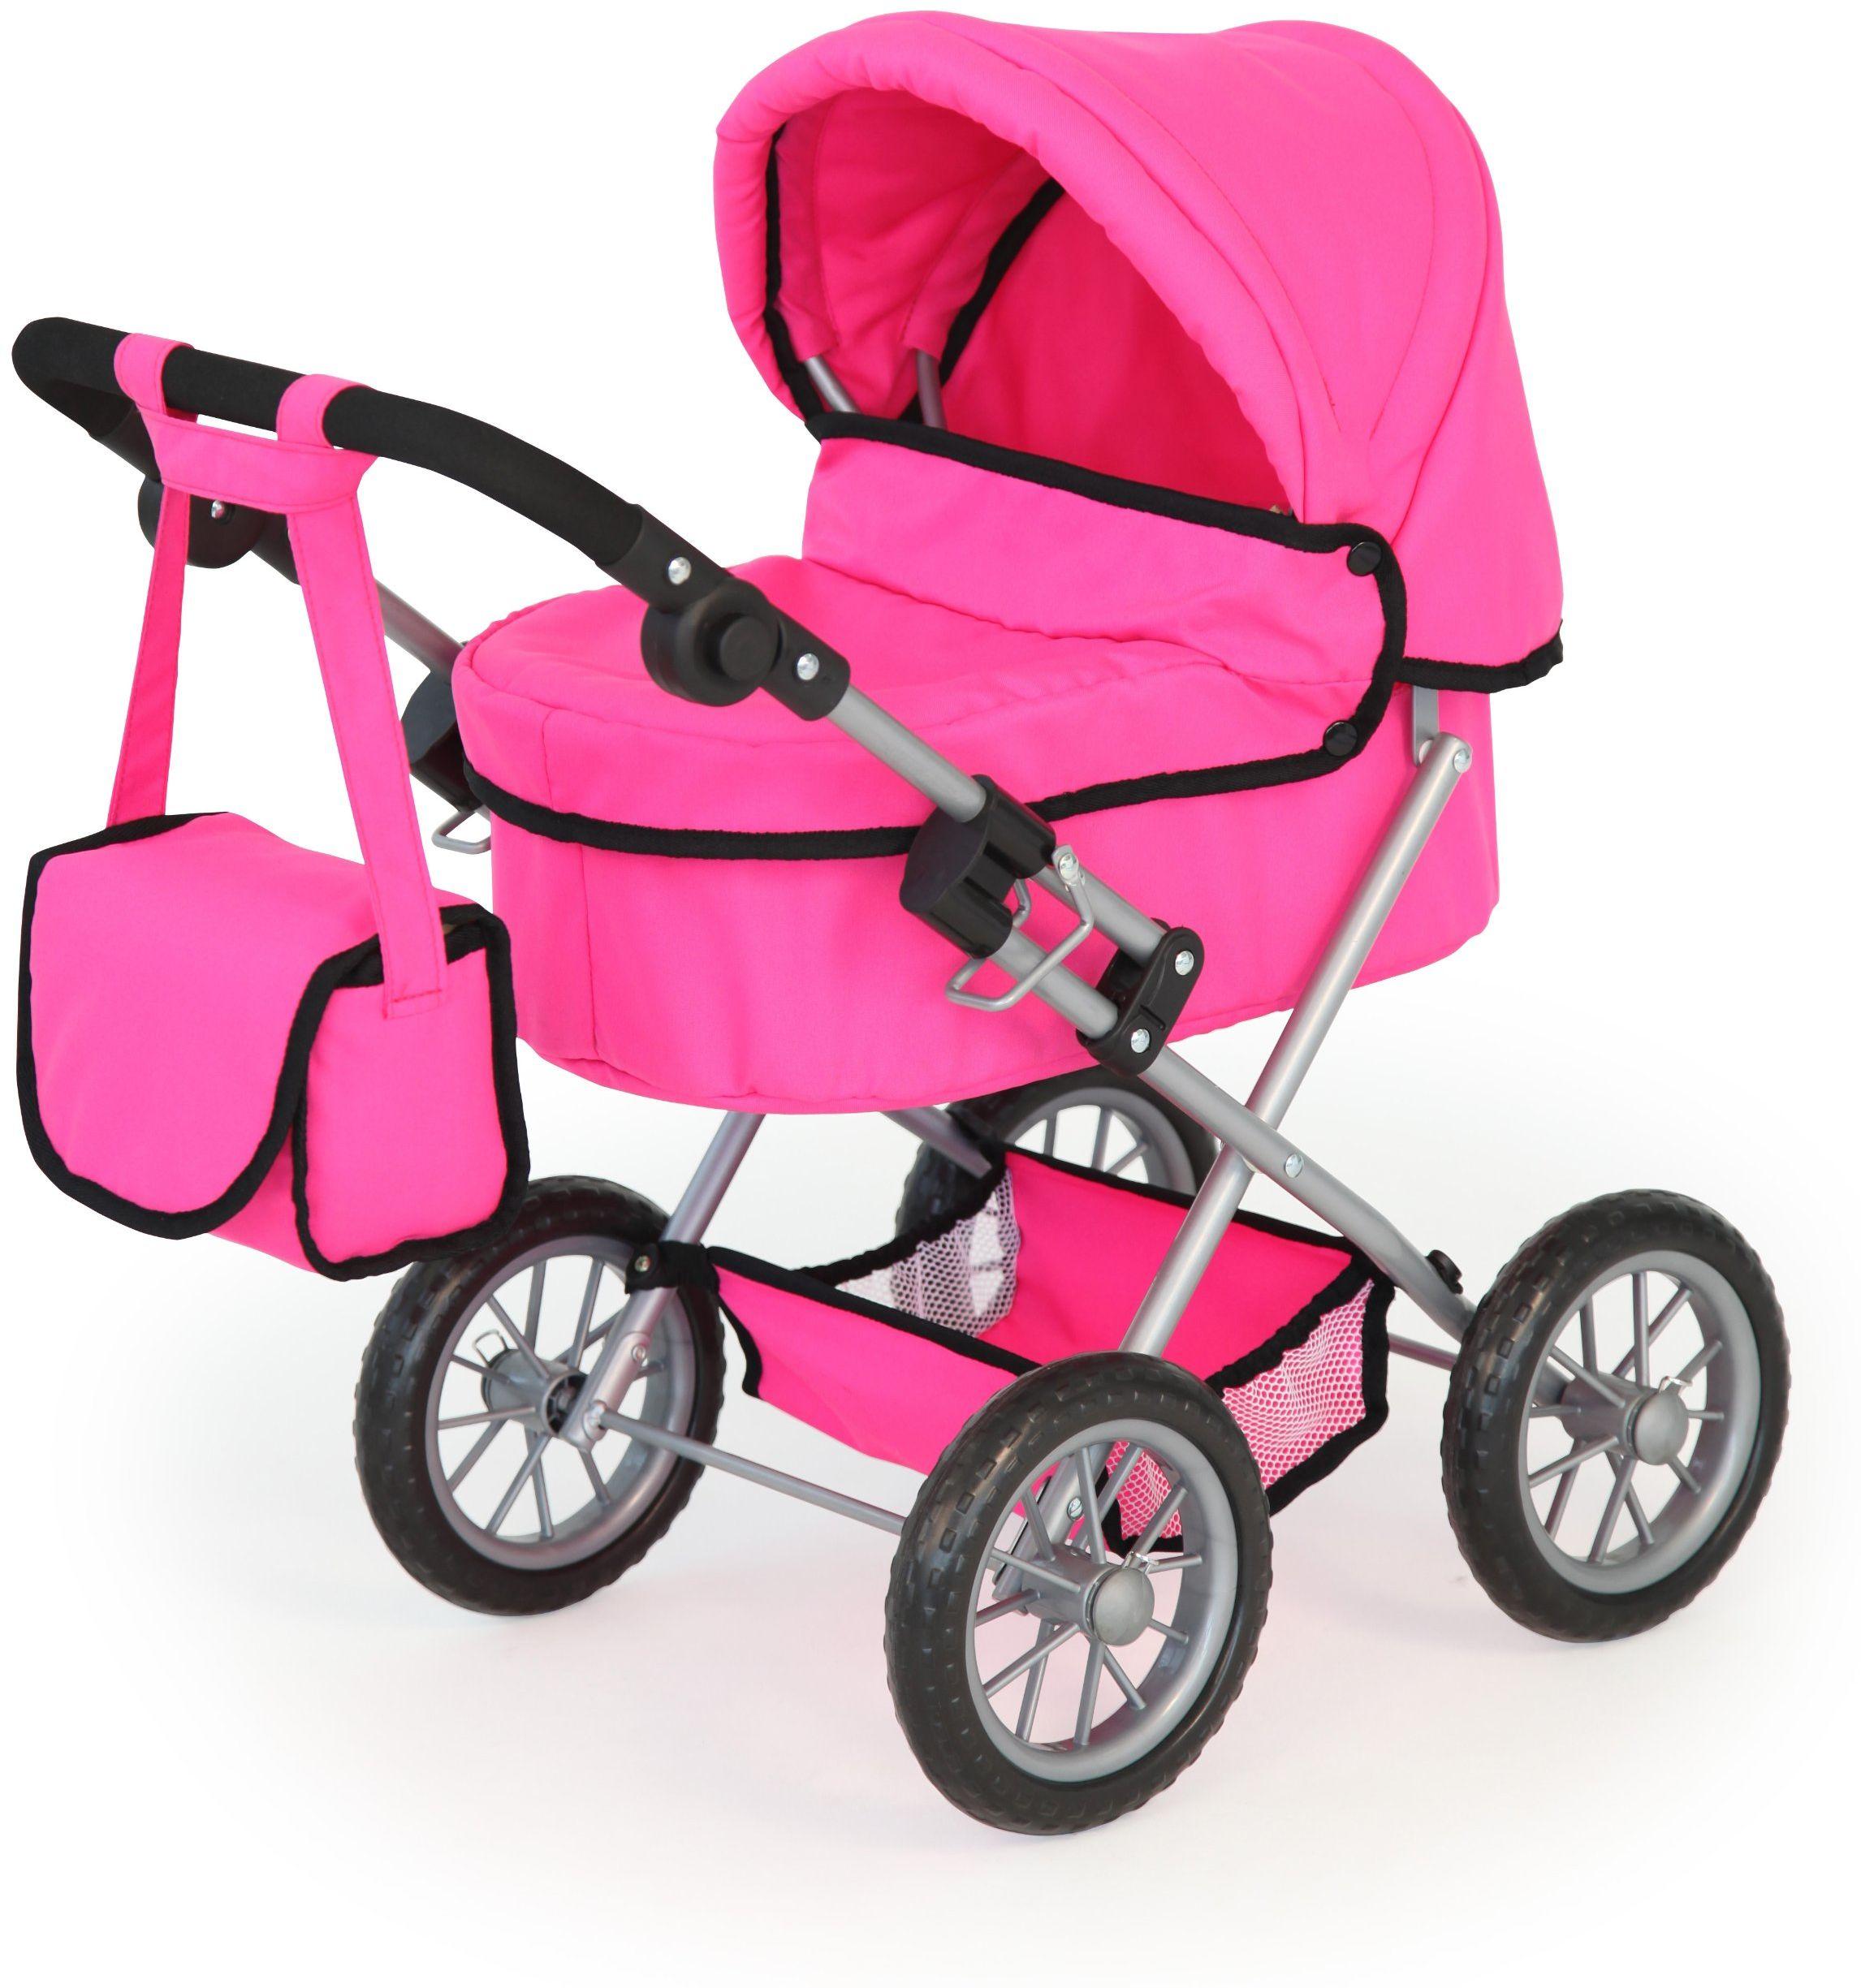 Bayer Design 13029 - wózek dla lalek Trendy, różowy